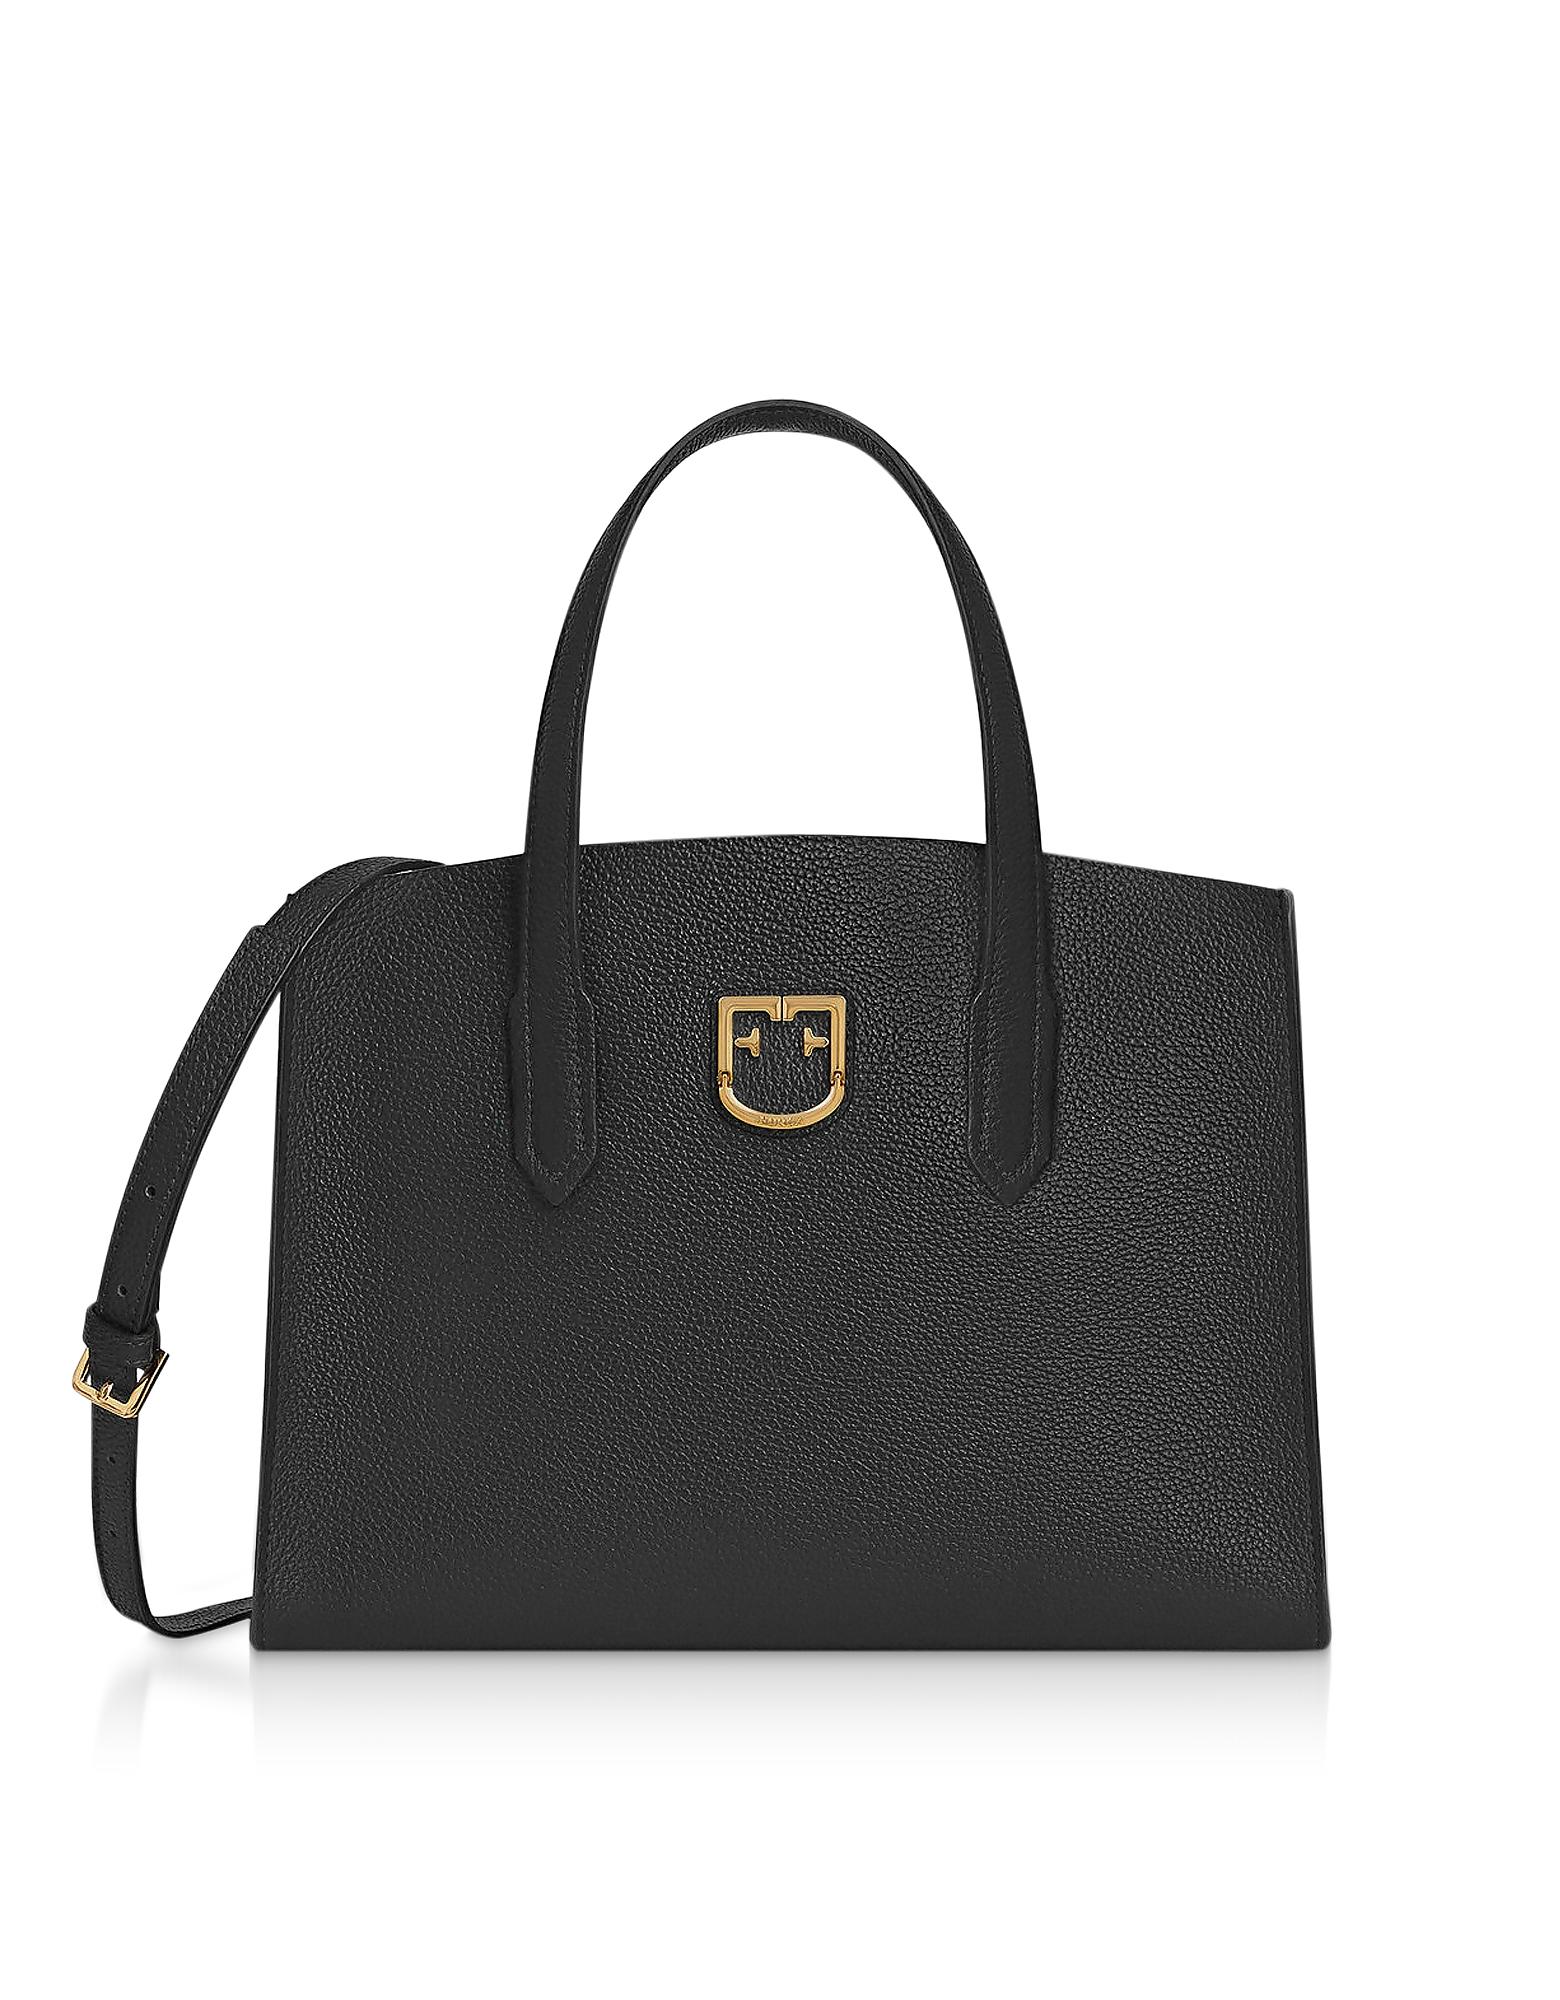 Onyx Black Lodovica M Tote Bag